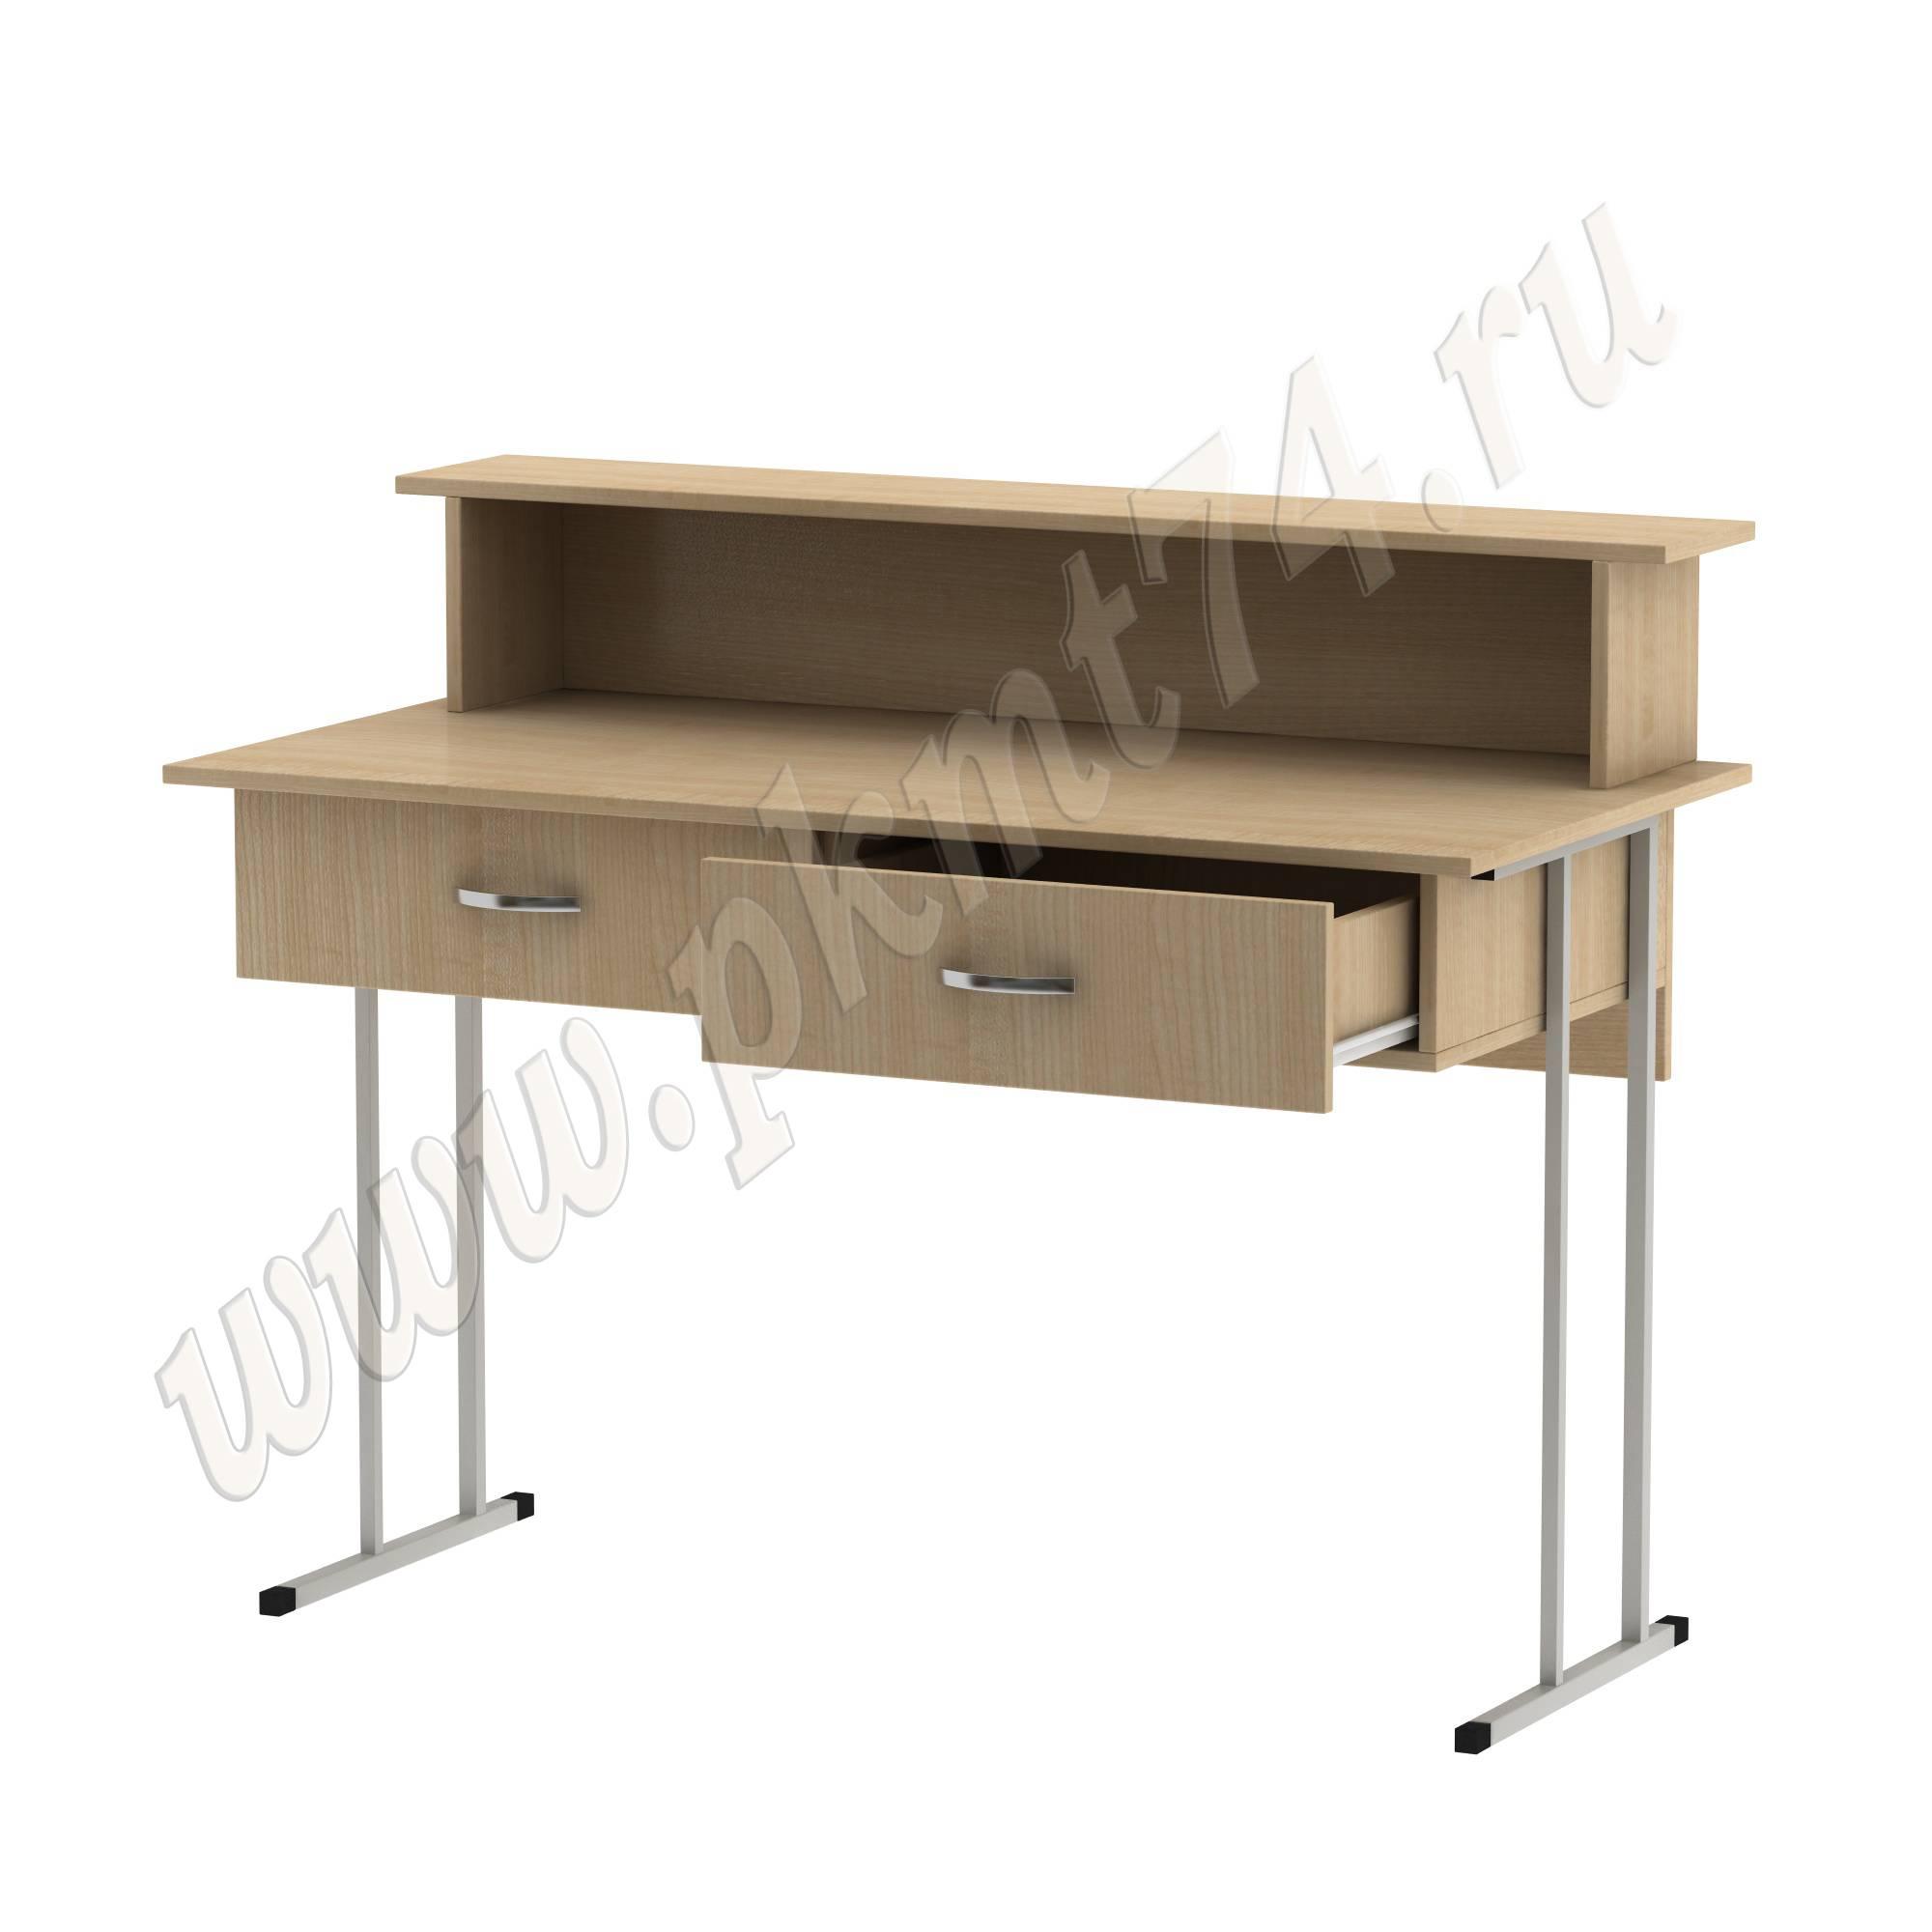 Стол барьер на металлокаркасе [Цвет ЛДСП:: Клён]